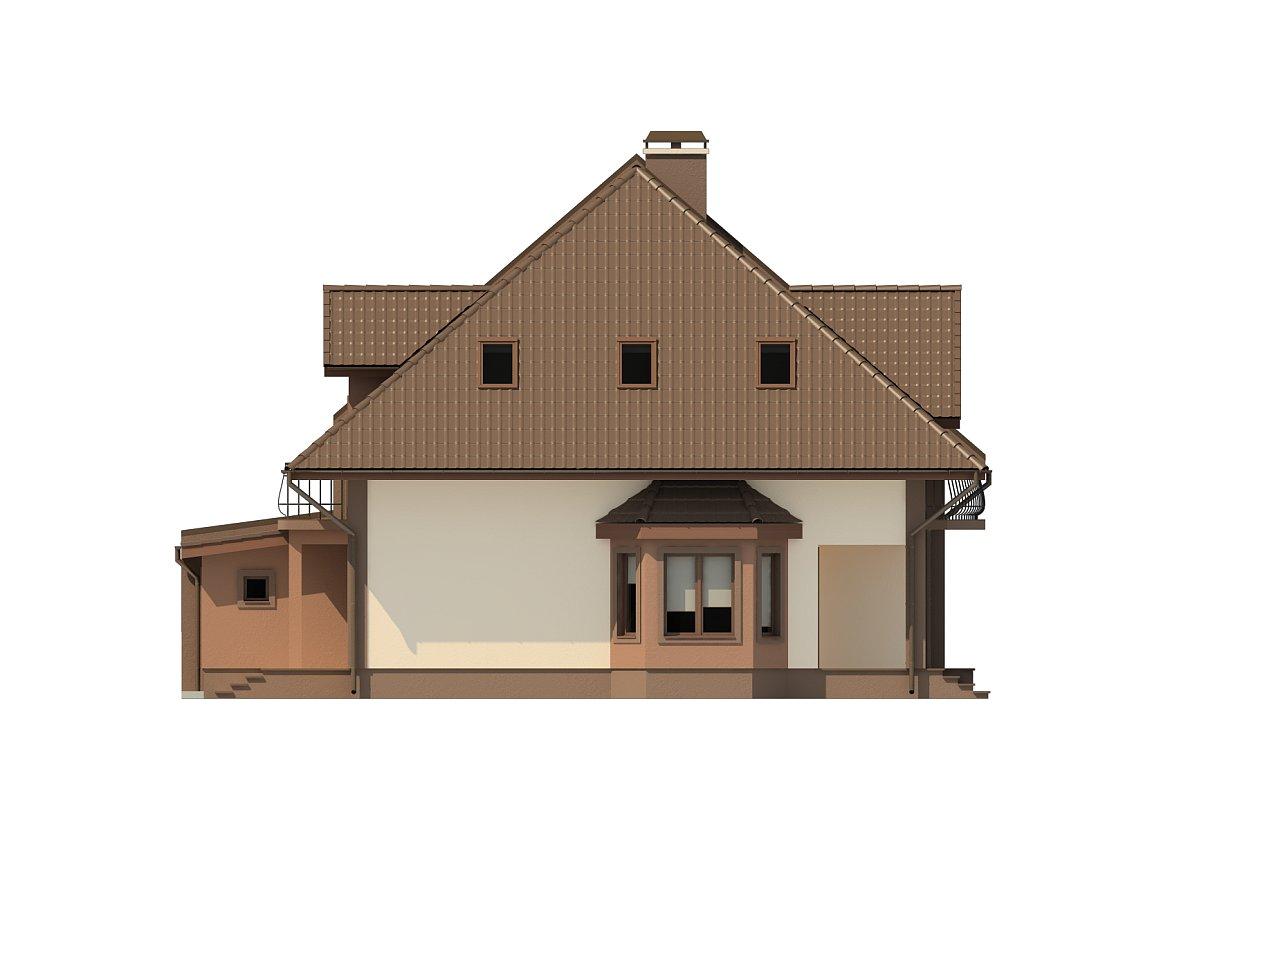 Проект домов близнецов с гаражом и дополнительным помещением на чердаке. 5